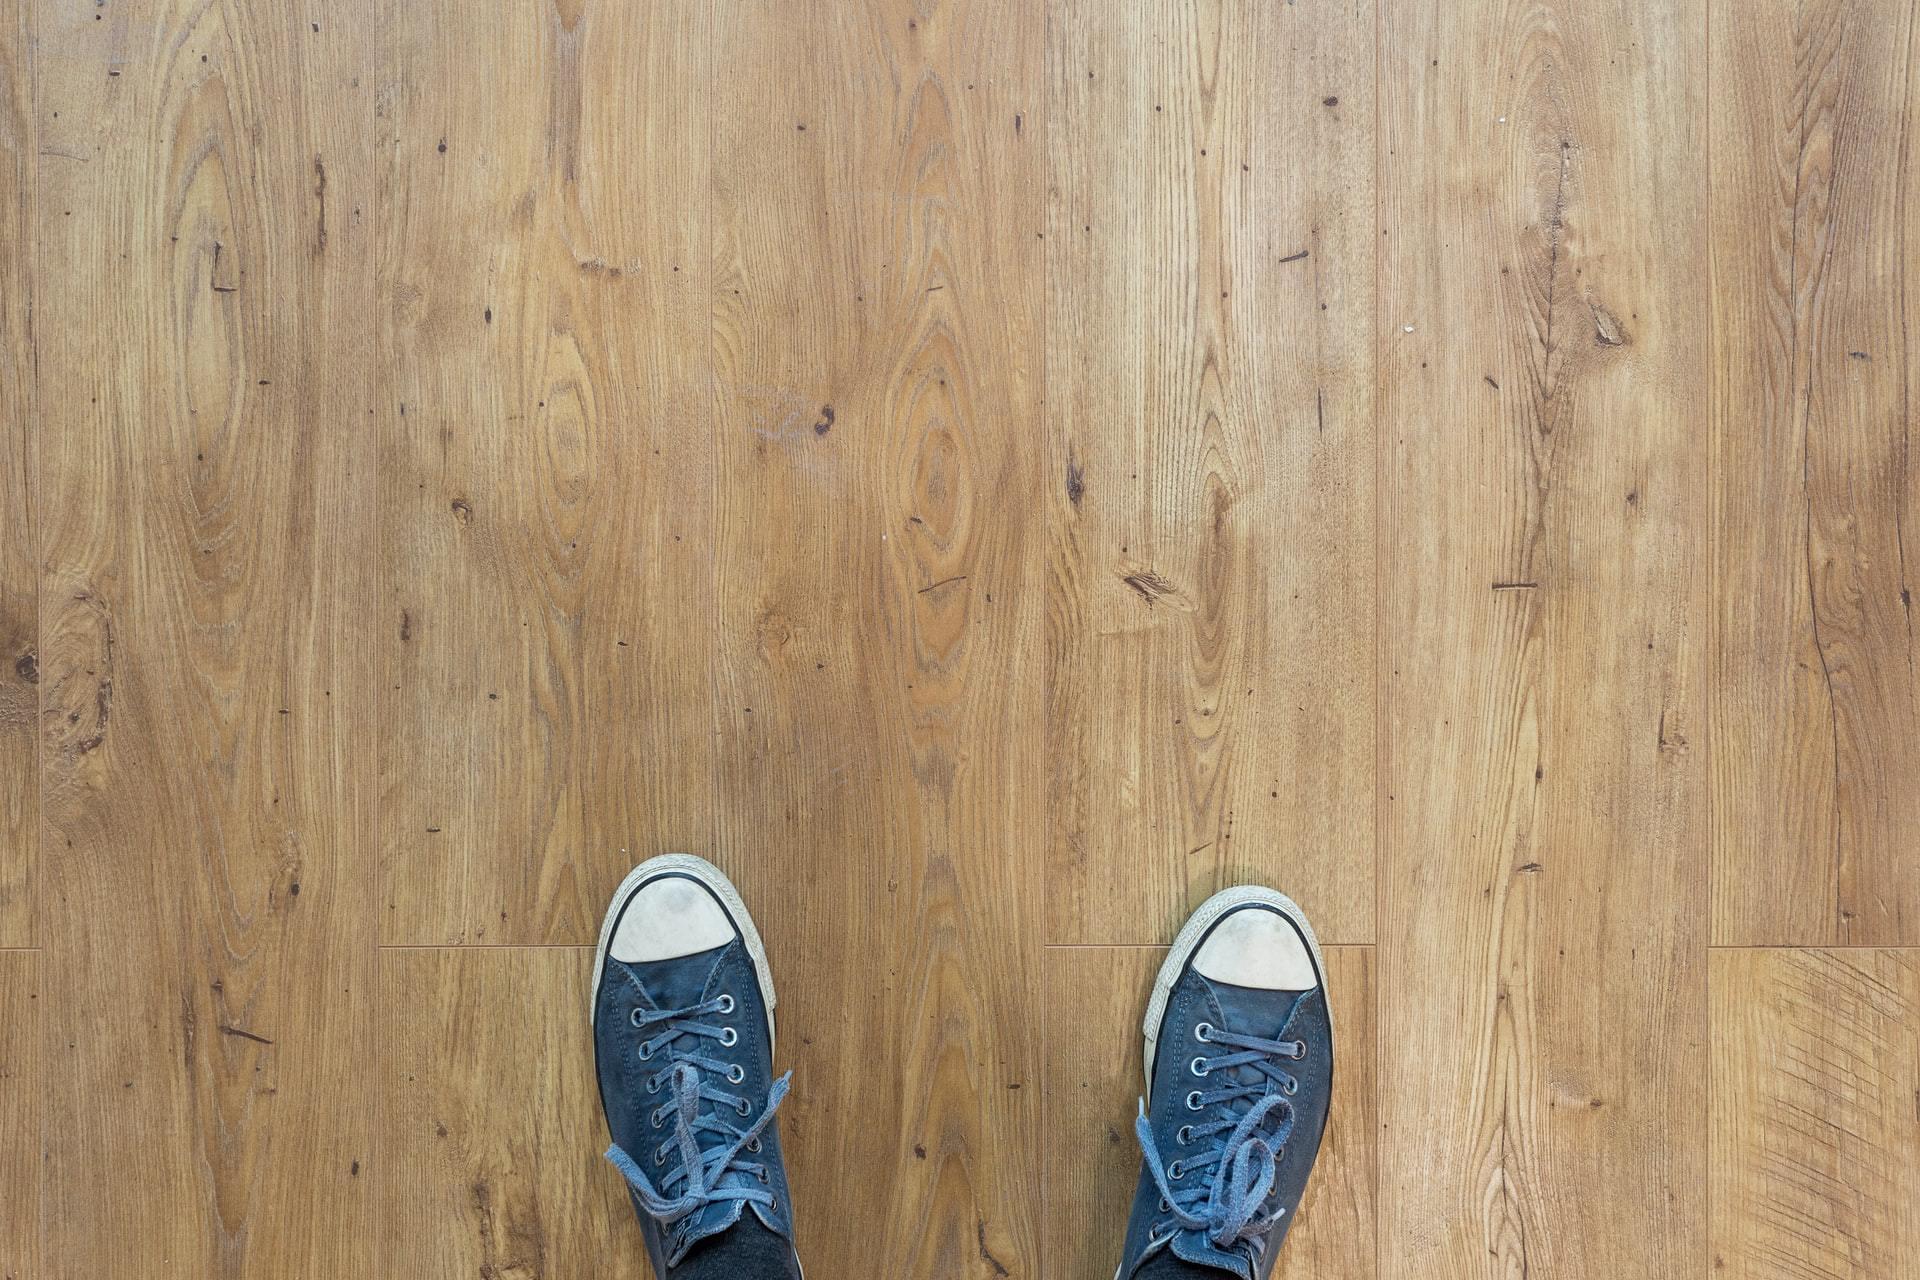 Houten vloer met Converse schoenen, bovenaanzicht